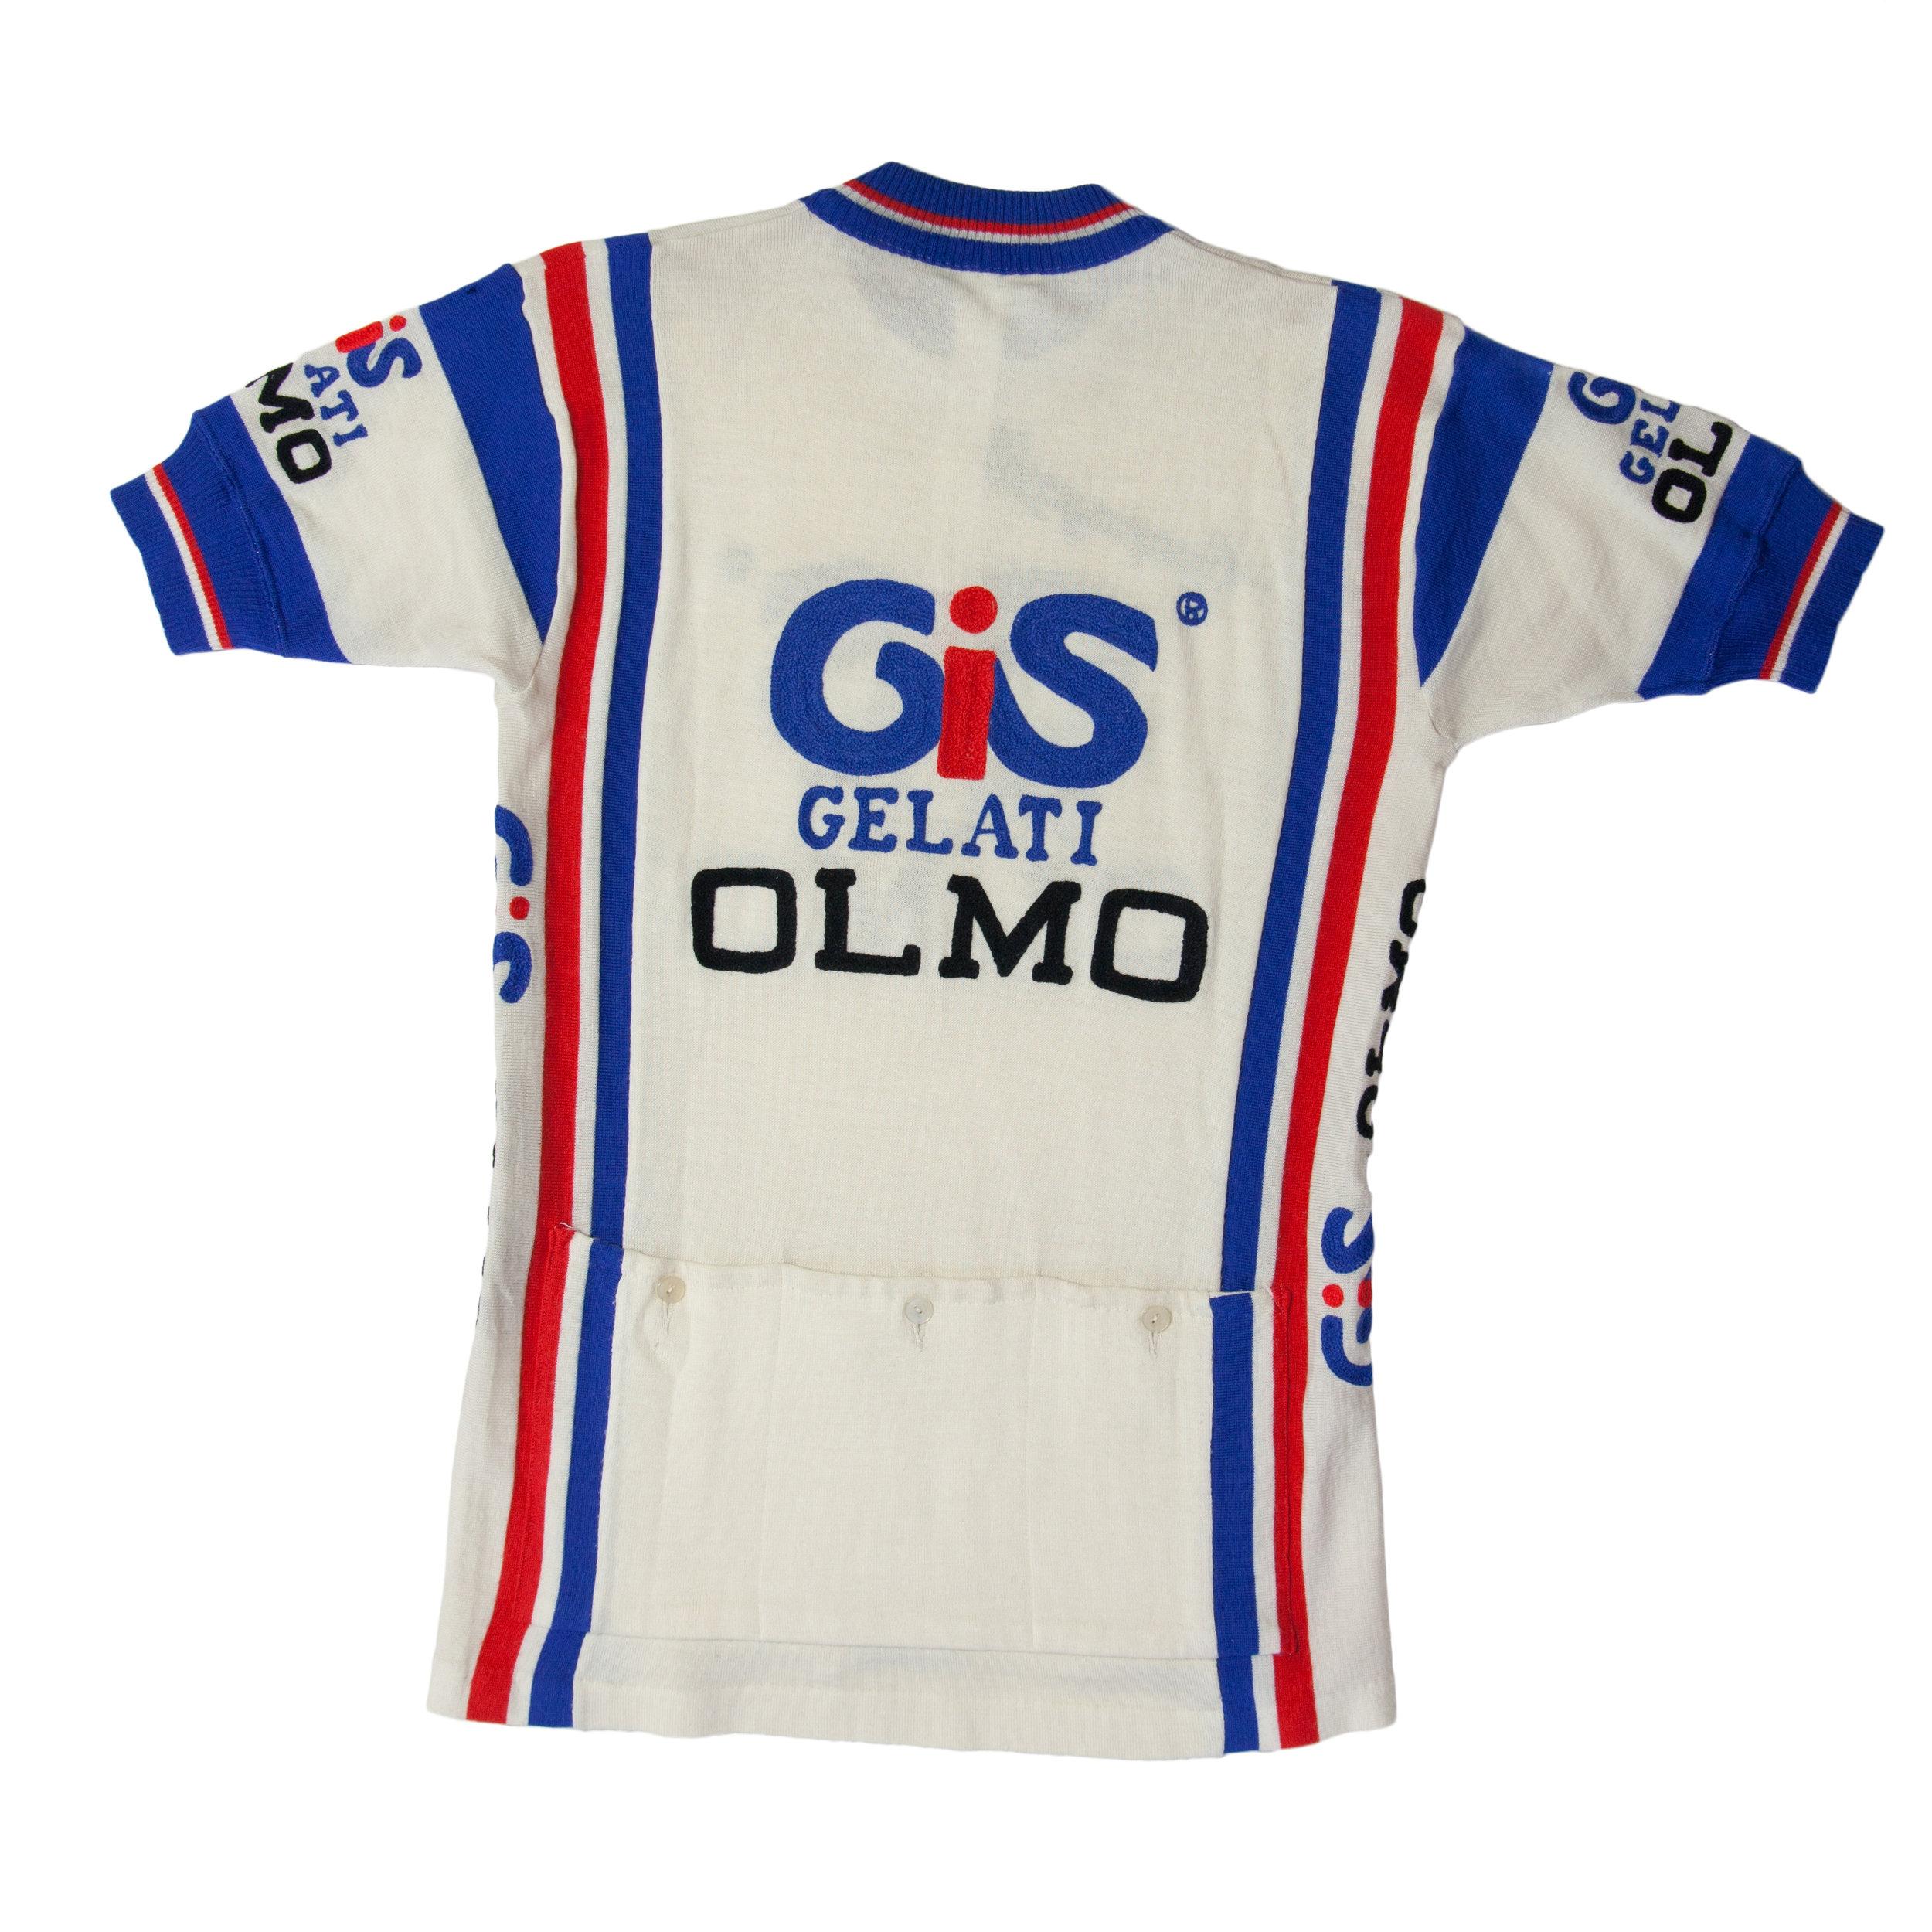 GisOlmo_Back.jpg